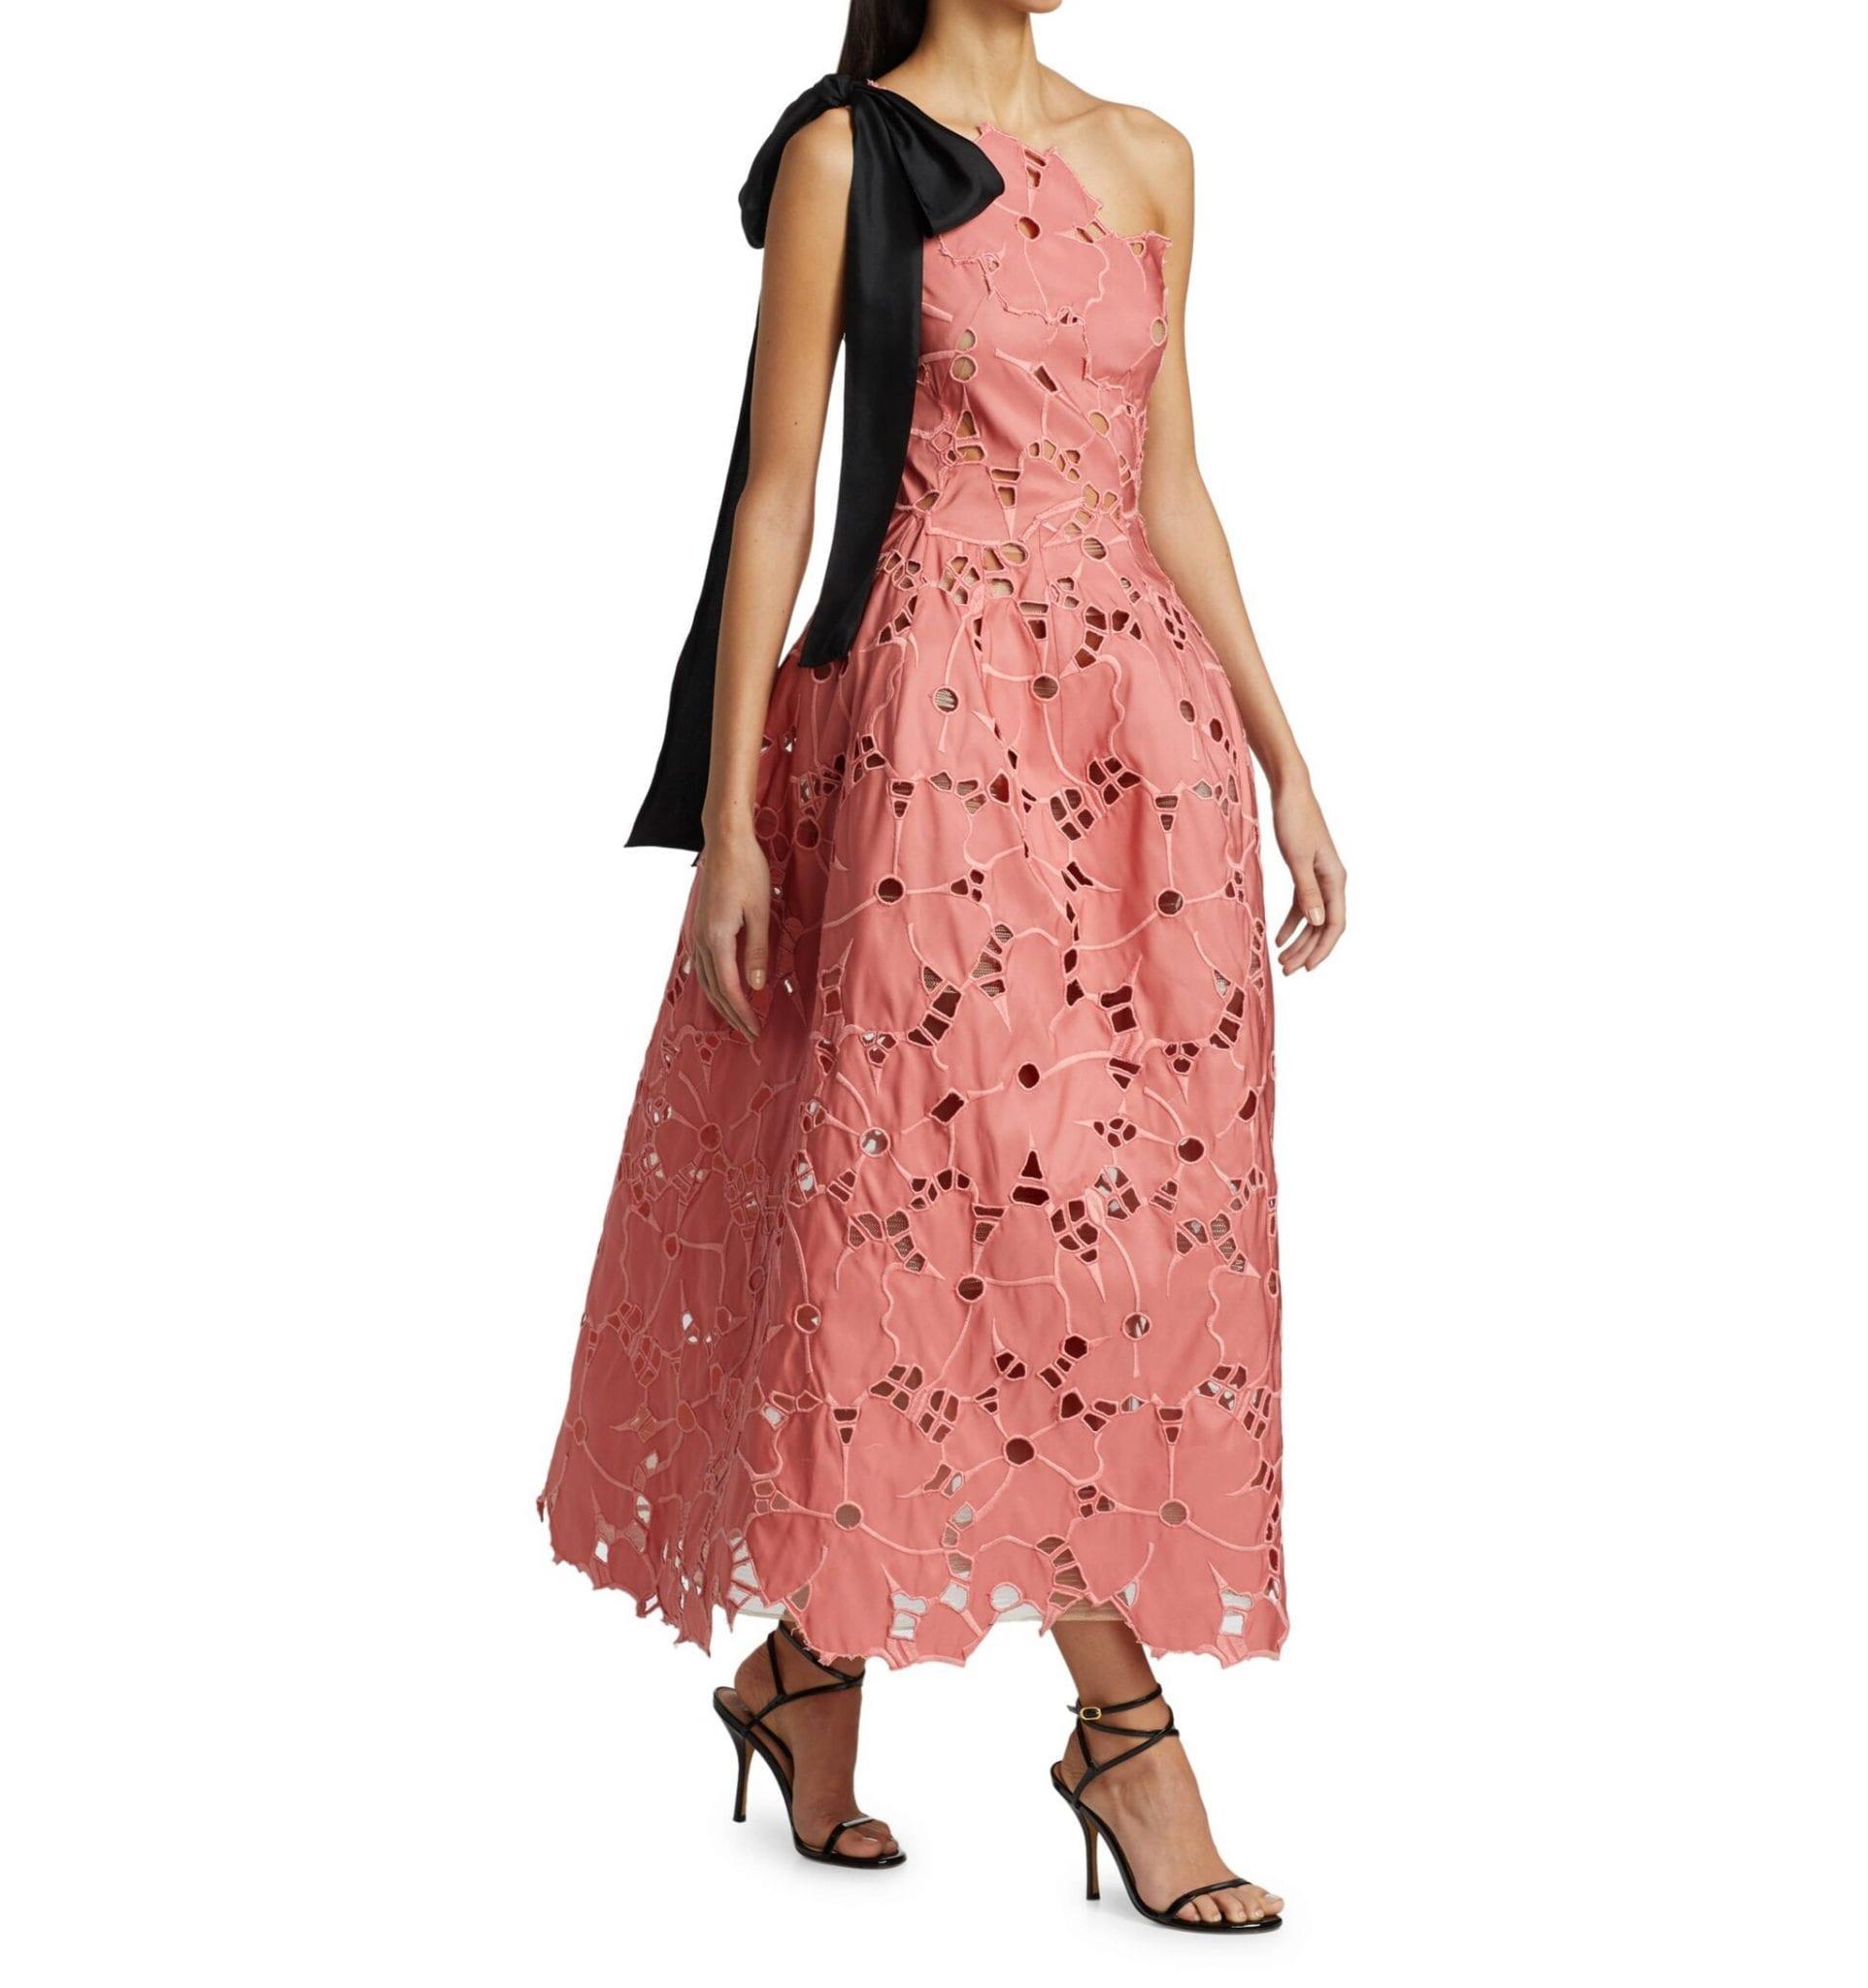 OSCAR DE LA RENTA One-Shoulder Lace Tea Dress